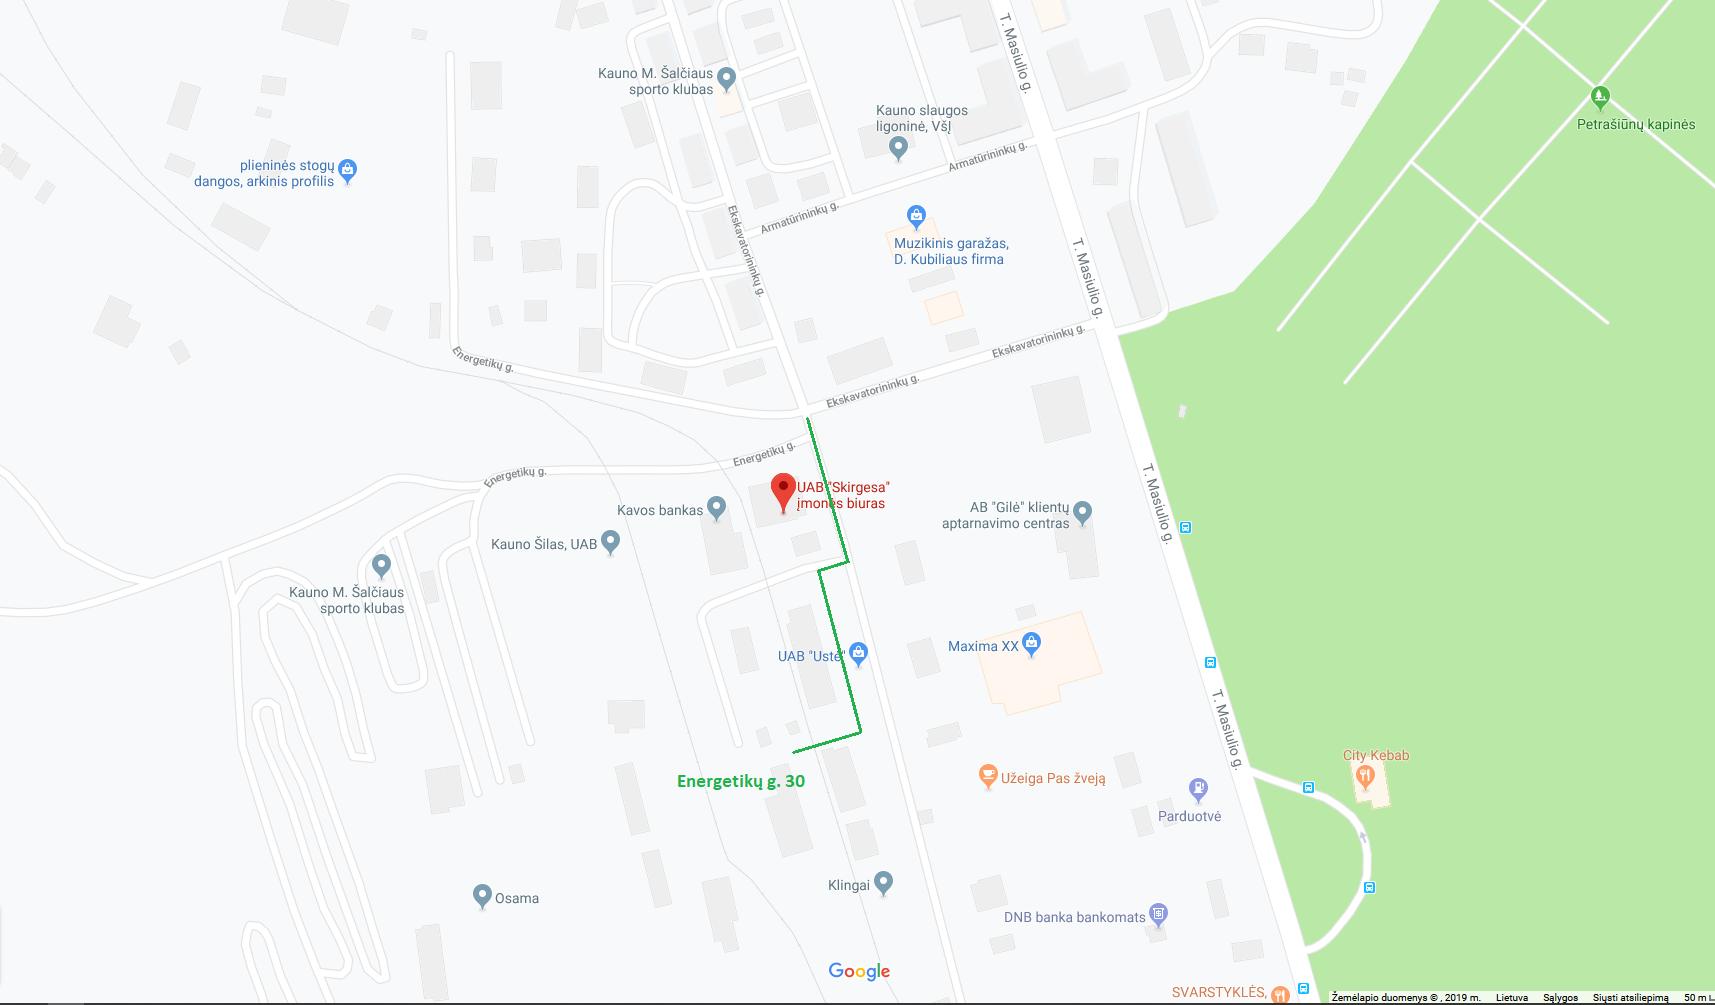 Kaip rasti Energetikų g. 30, Kaunas?